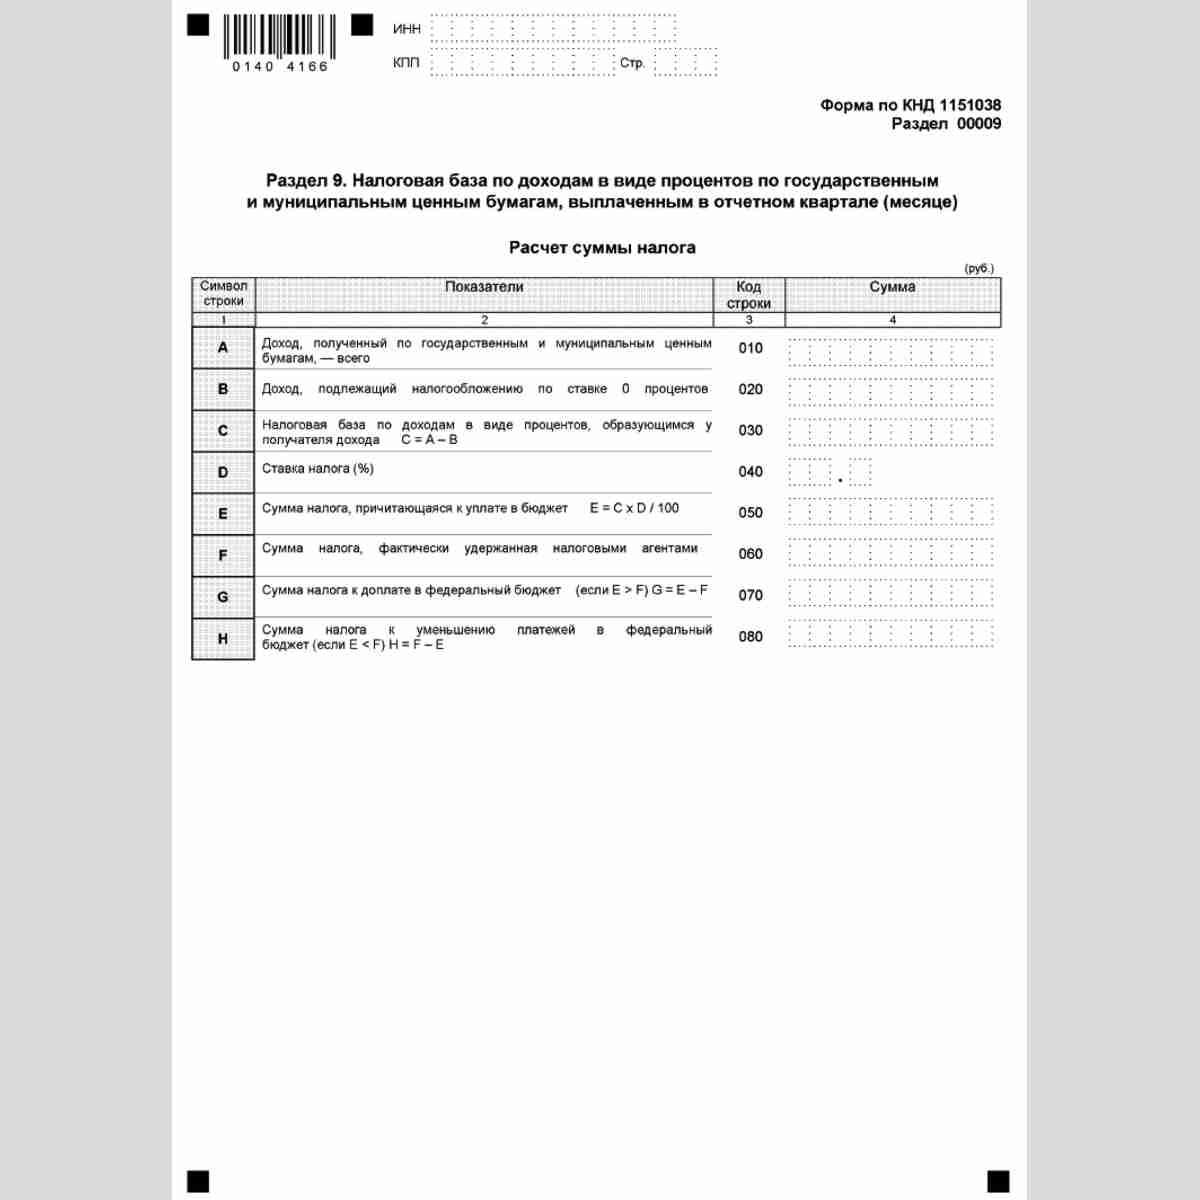 """Форма КНД 1151038 """"Налоговая декларация по налогу на прибыль иностранной организации"""". Стр. 16"""